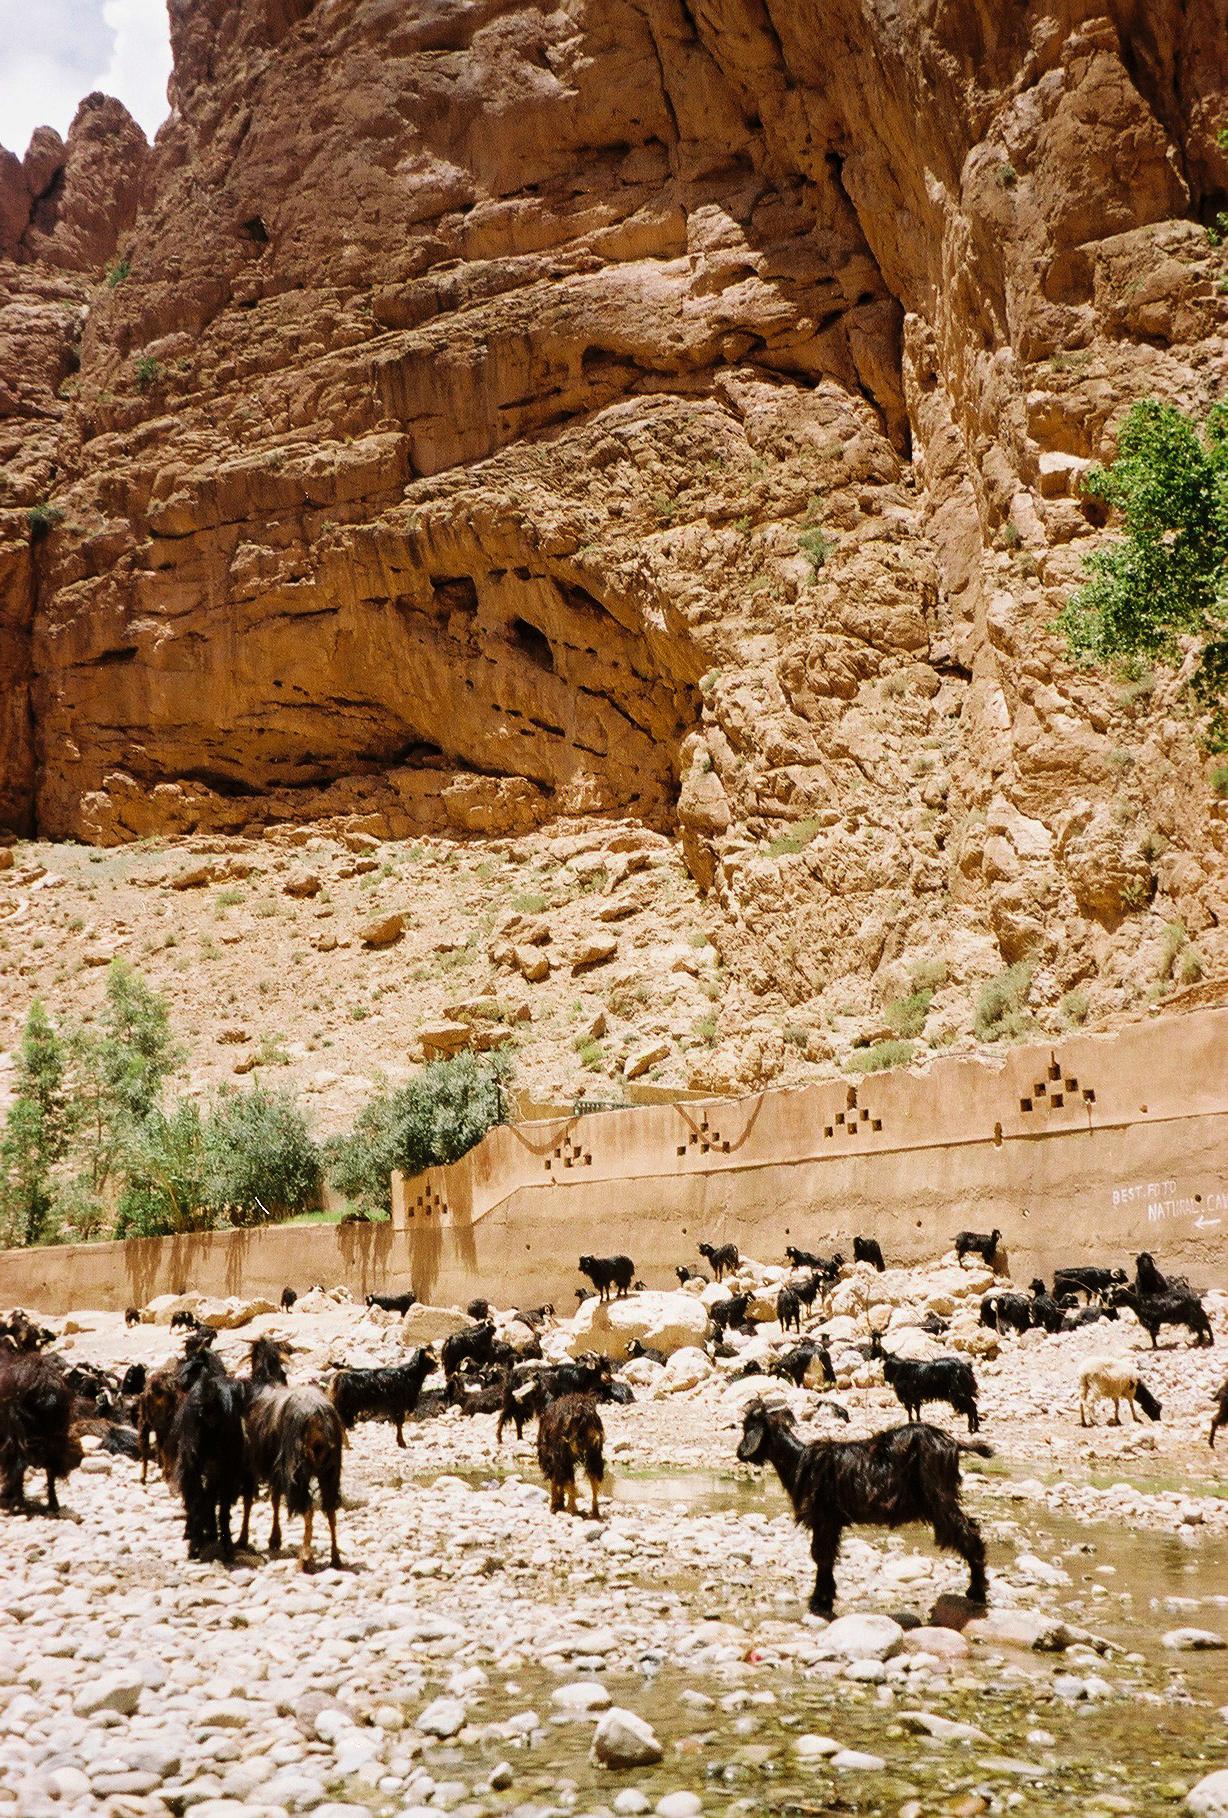 Марокко фото, Путешествие в Марокко, Животные в горах фото